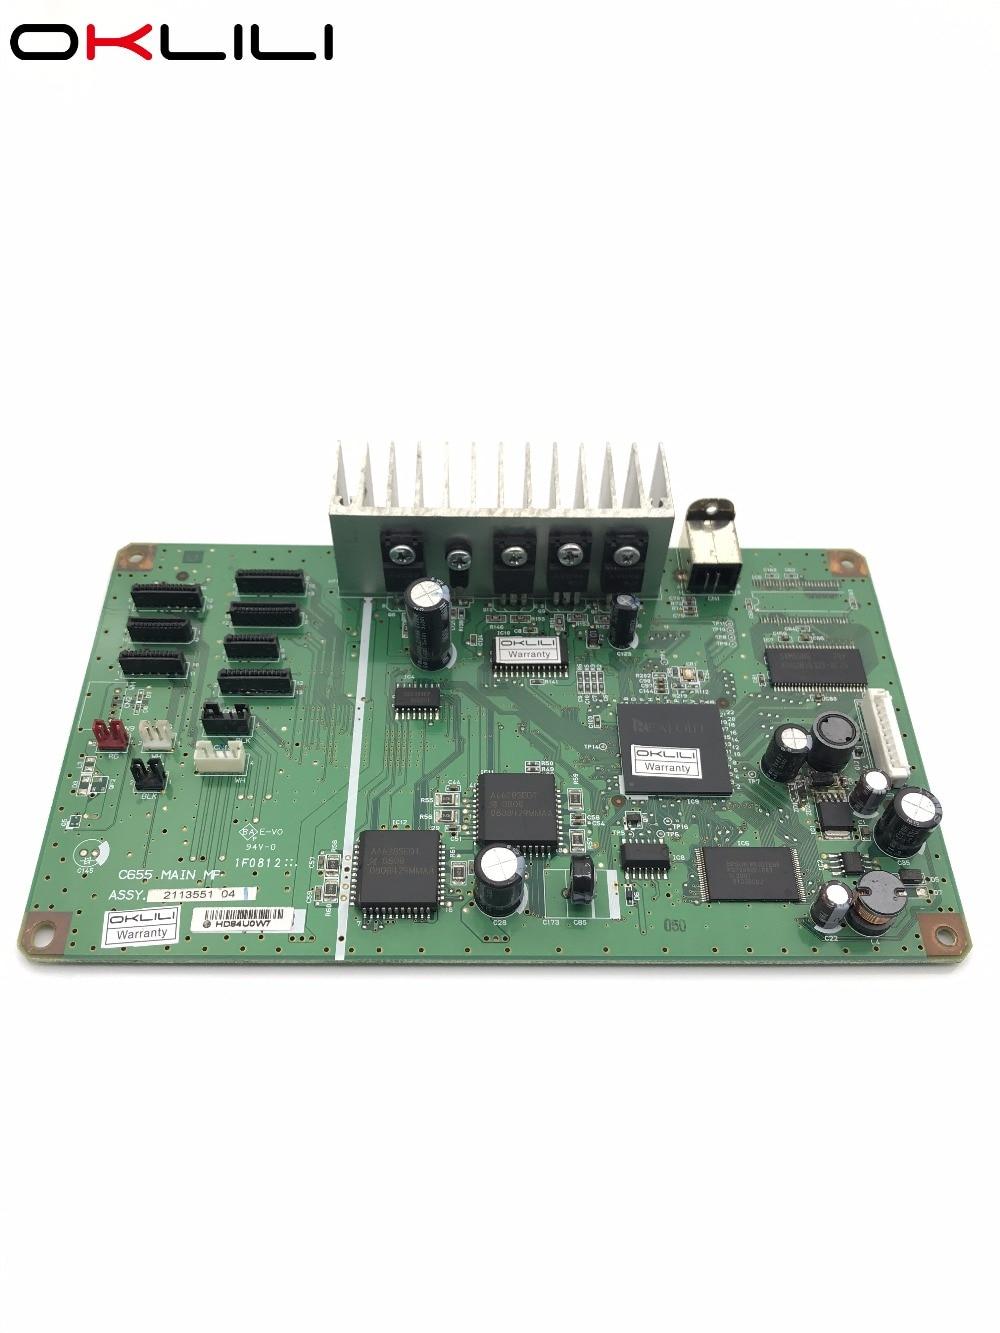 2157152 2118698 2113551 FORMATTER PCA ASSY Formatter Board logic Main Board MainBoard Mother Board for Epson